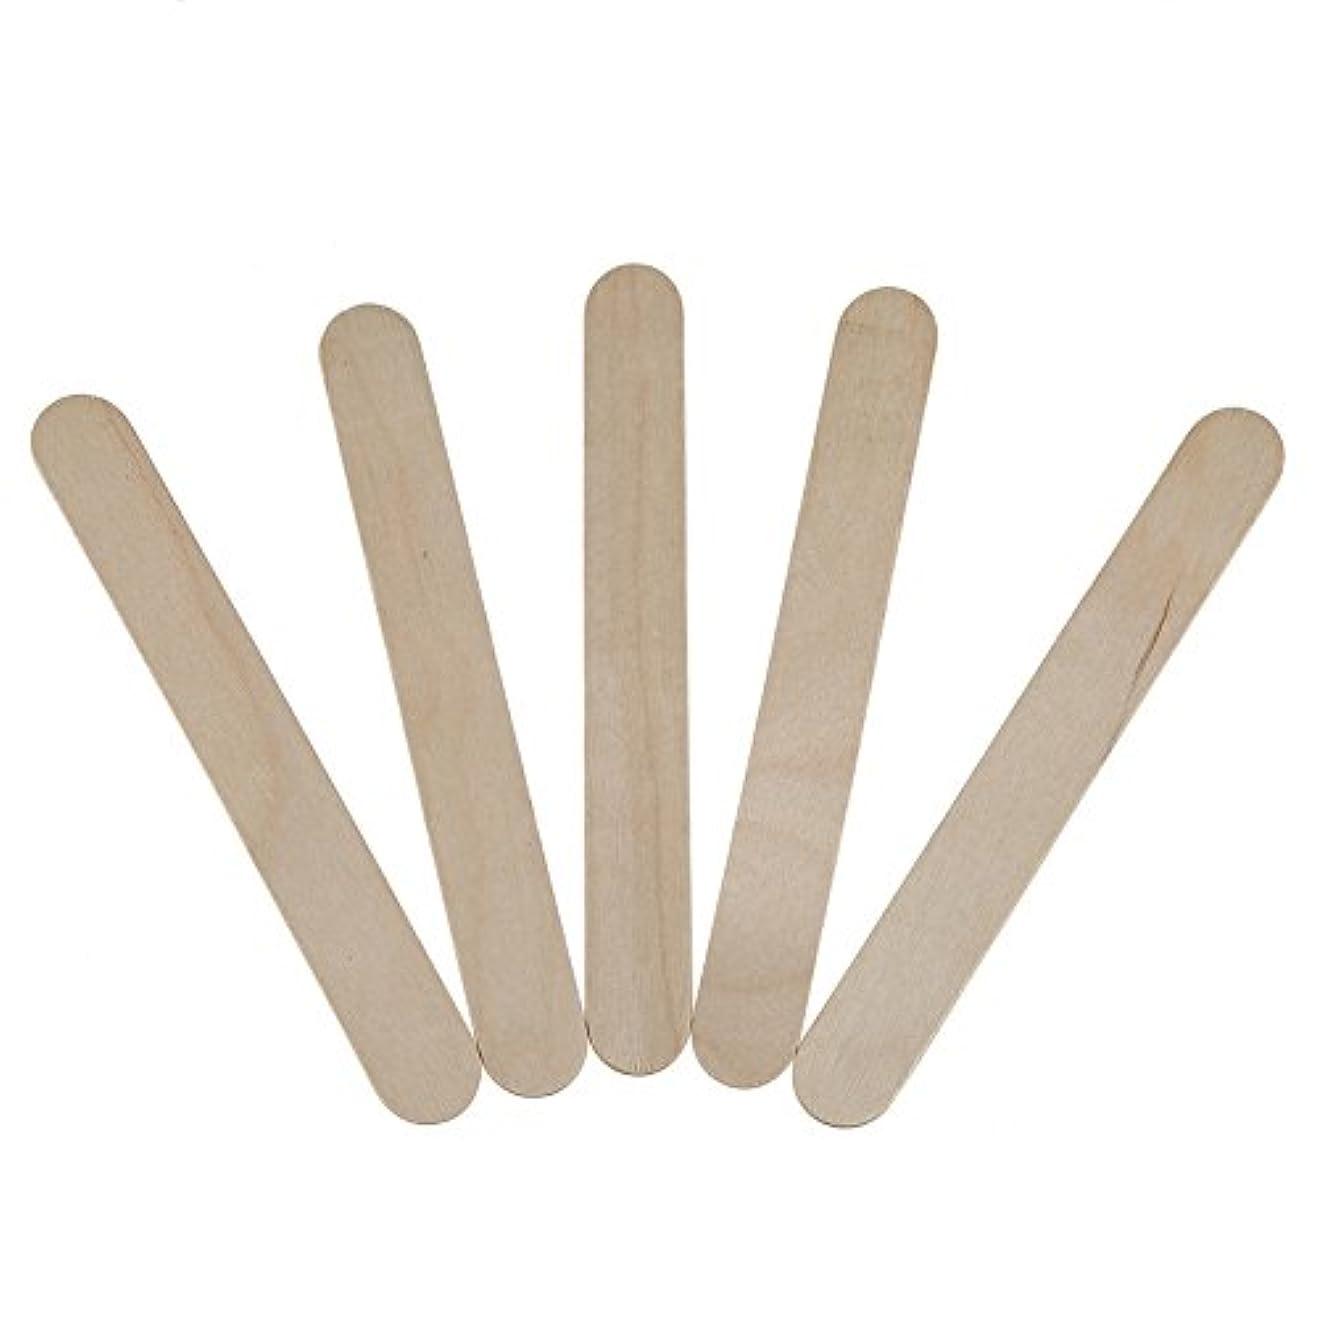 派生するマンハッタン対称使い捨てワックススパター5本サロンヒーターワックススティック脱毛ホットワックスビーンスパチュラセット